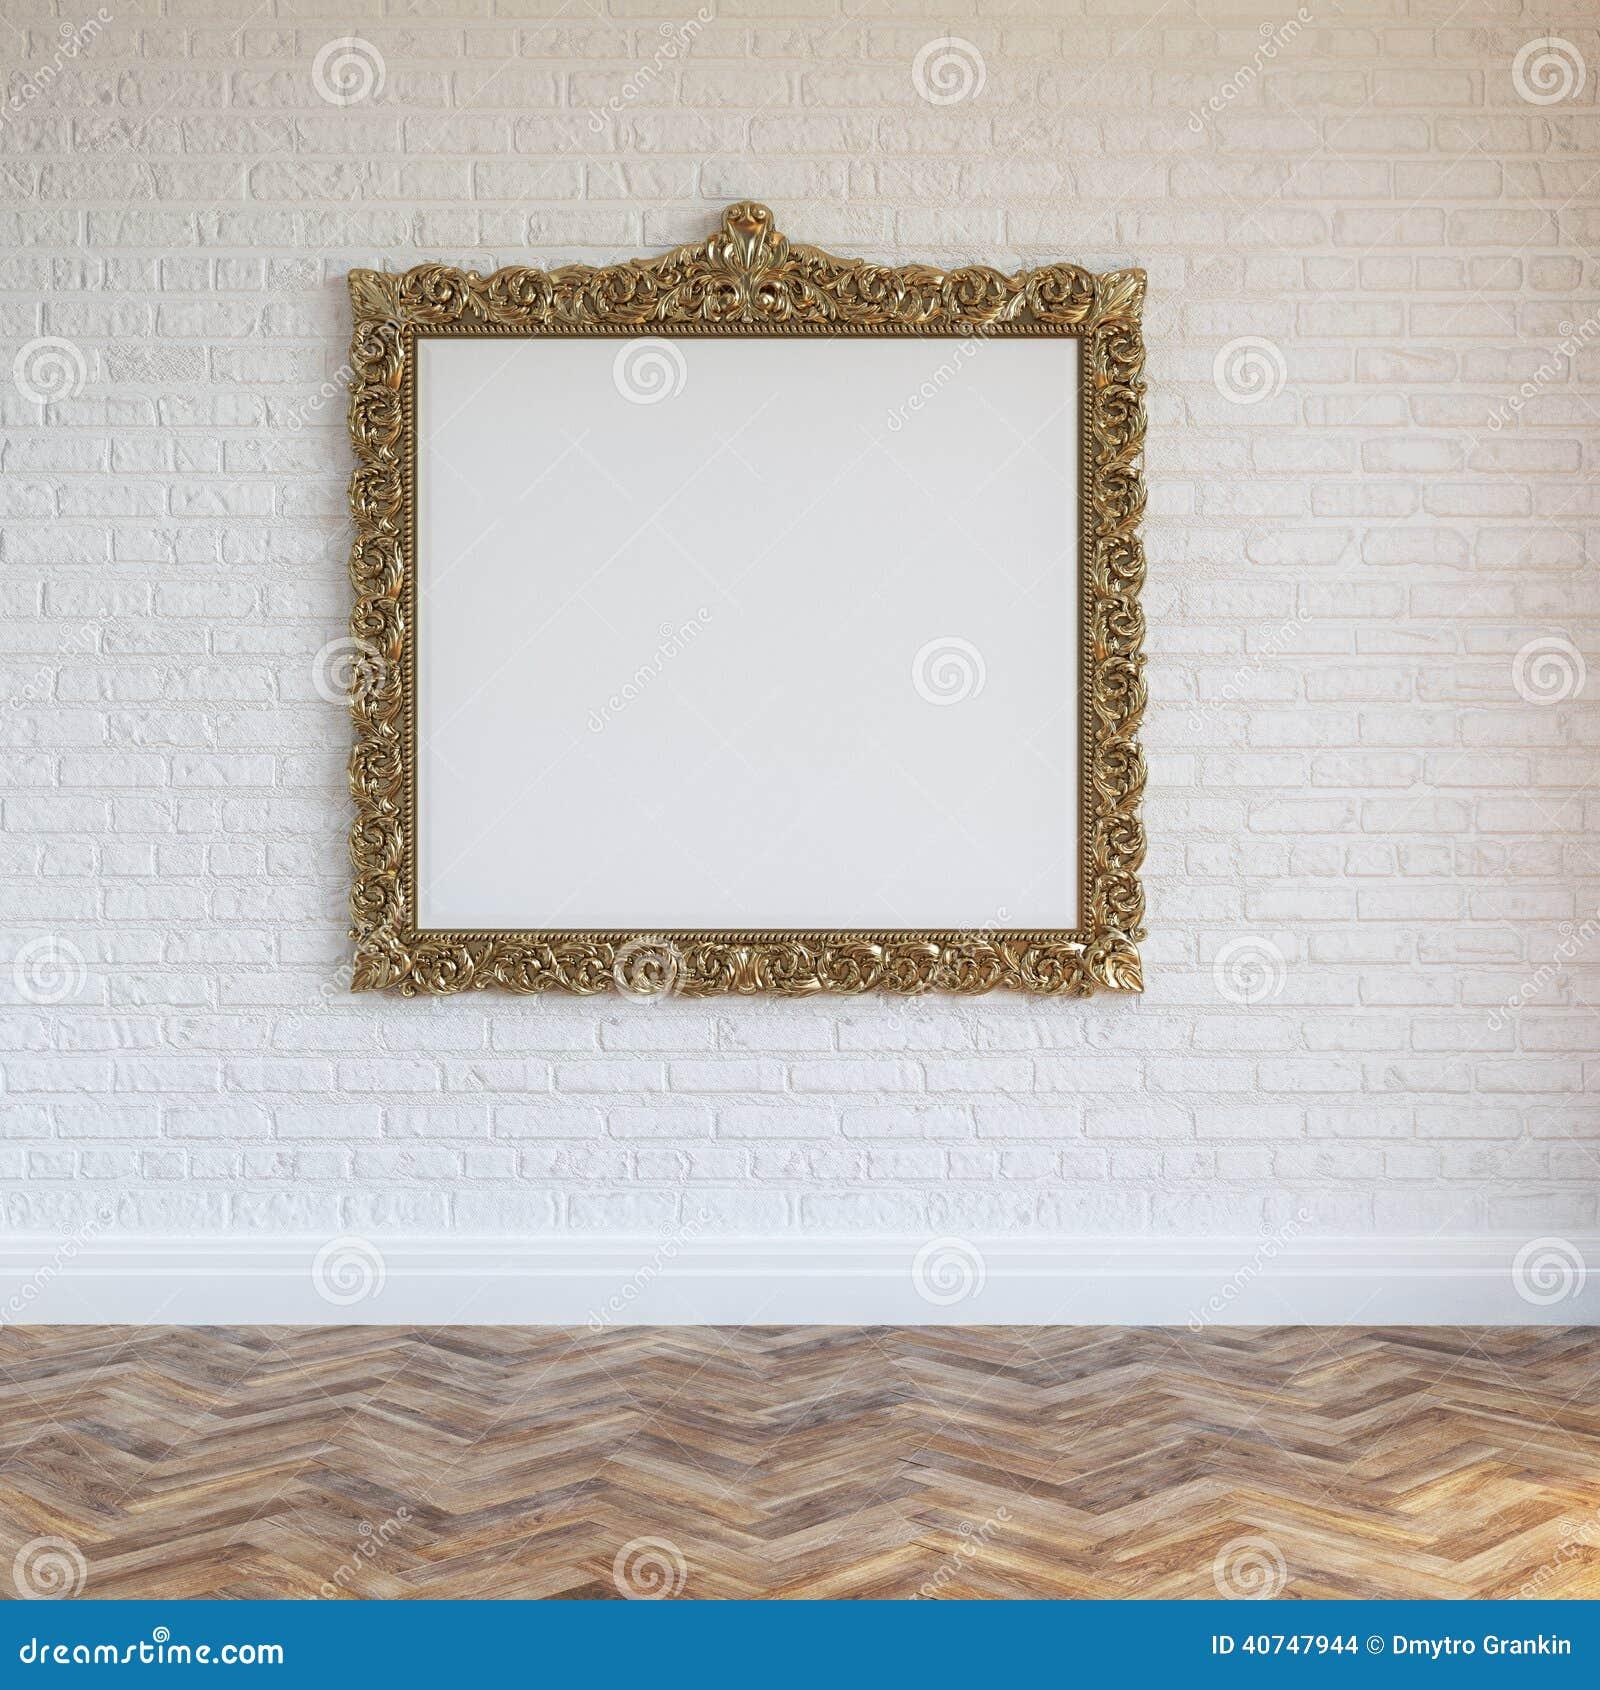 El blanco empareda el interior del ladrillo con el marco y la madera dura tallados de oro